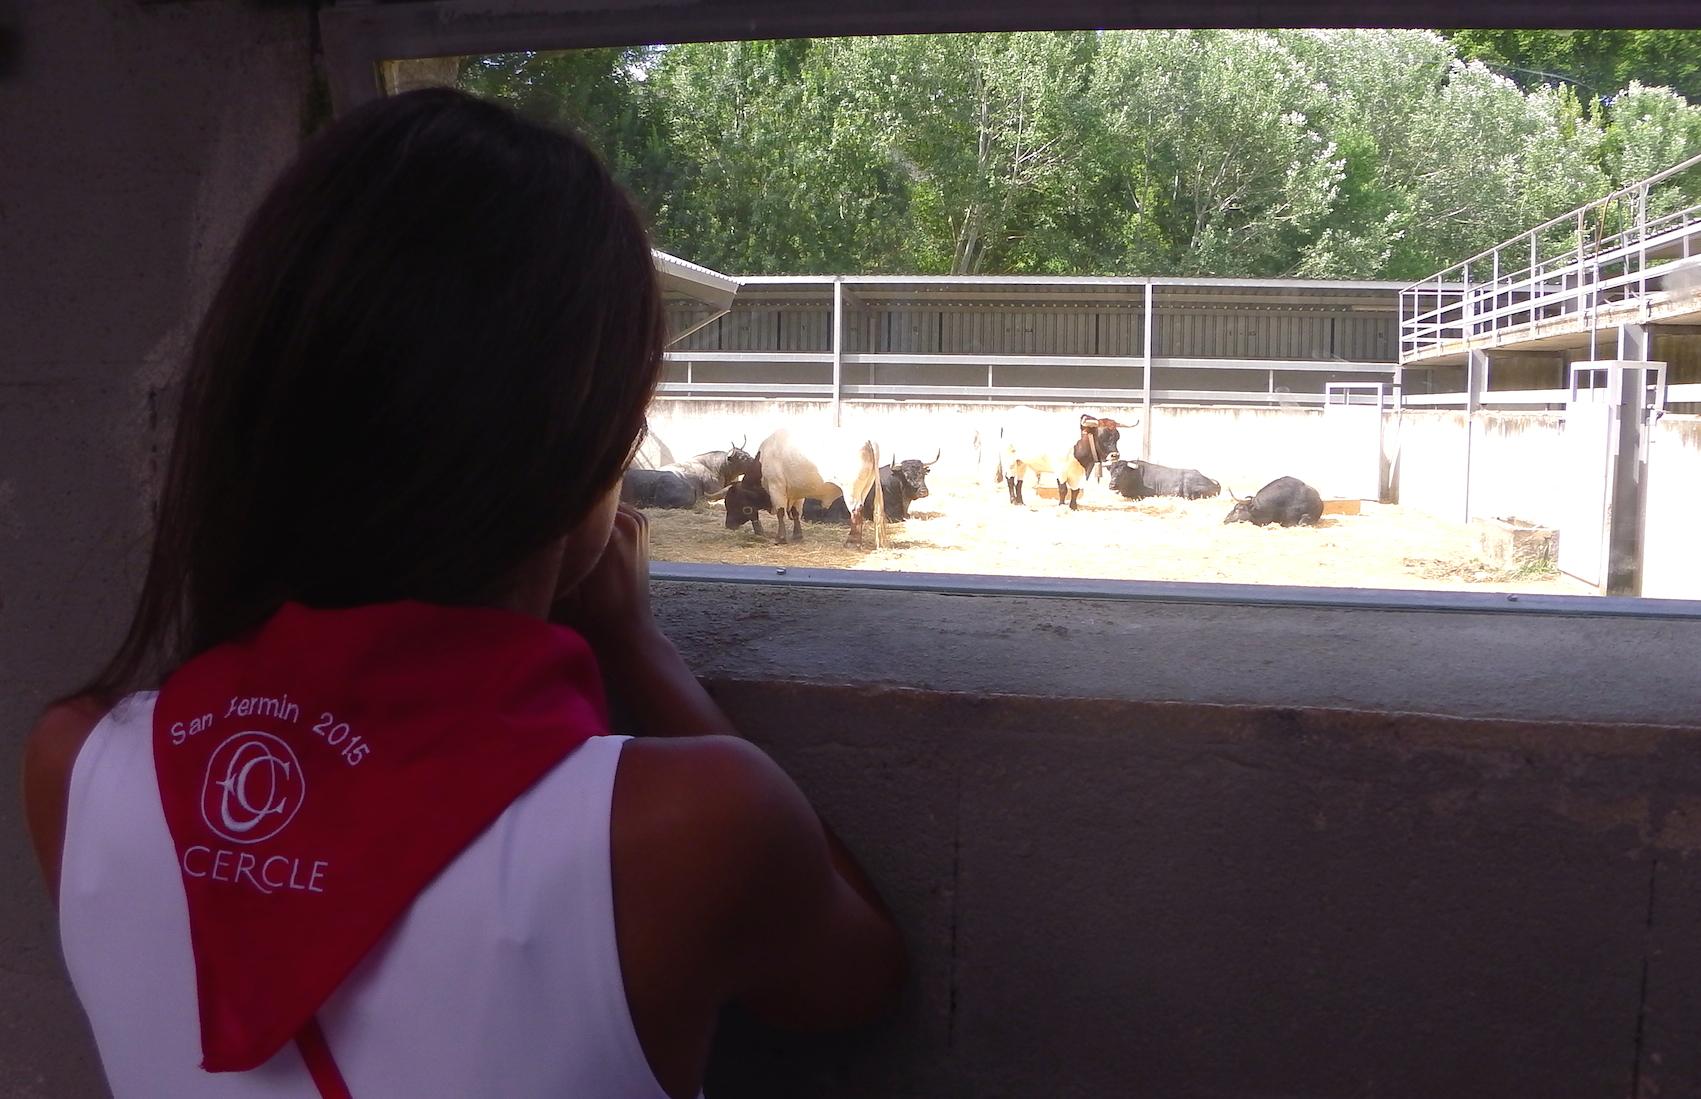 san-fermin-encierro-bullfigth-pampelune-agence-de-voyage-pays-basque-le-cercle-evenements2015--15